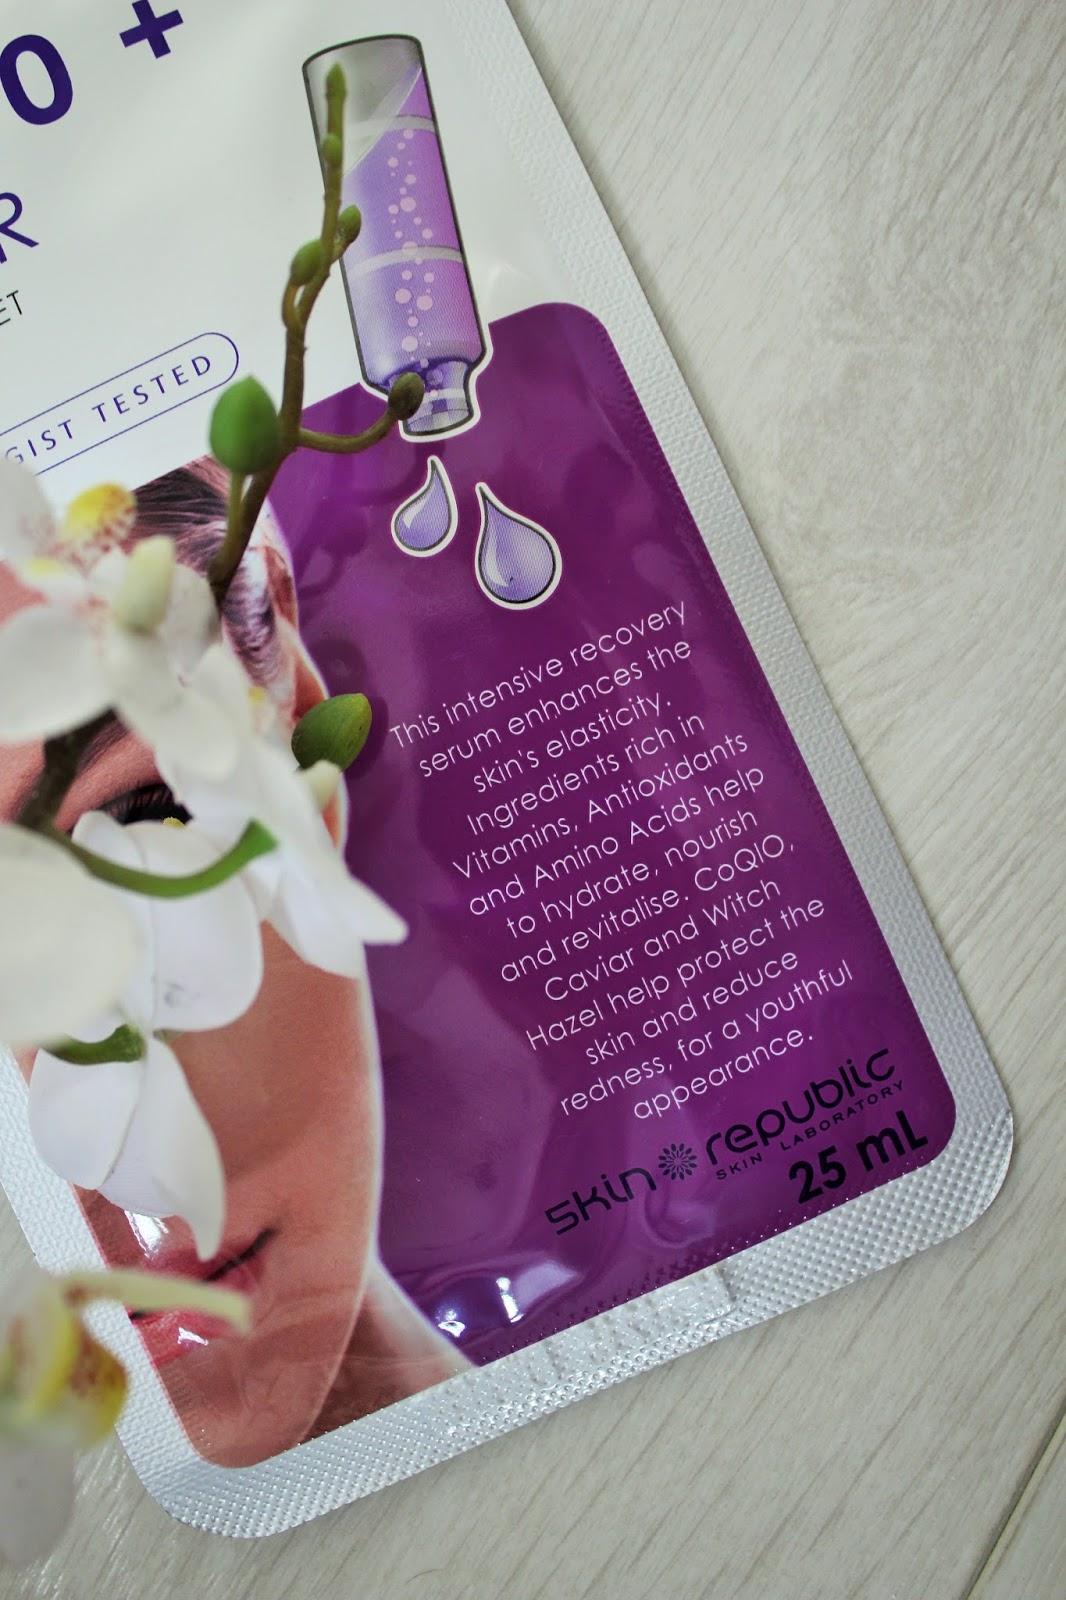 Skin Republic CoQ10 + Caviar Sheet Mask Review